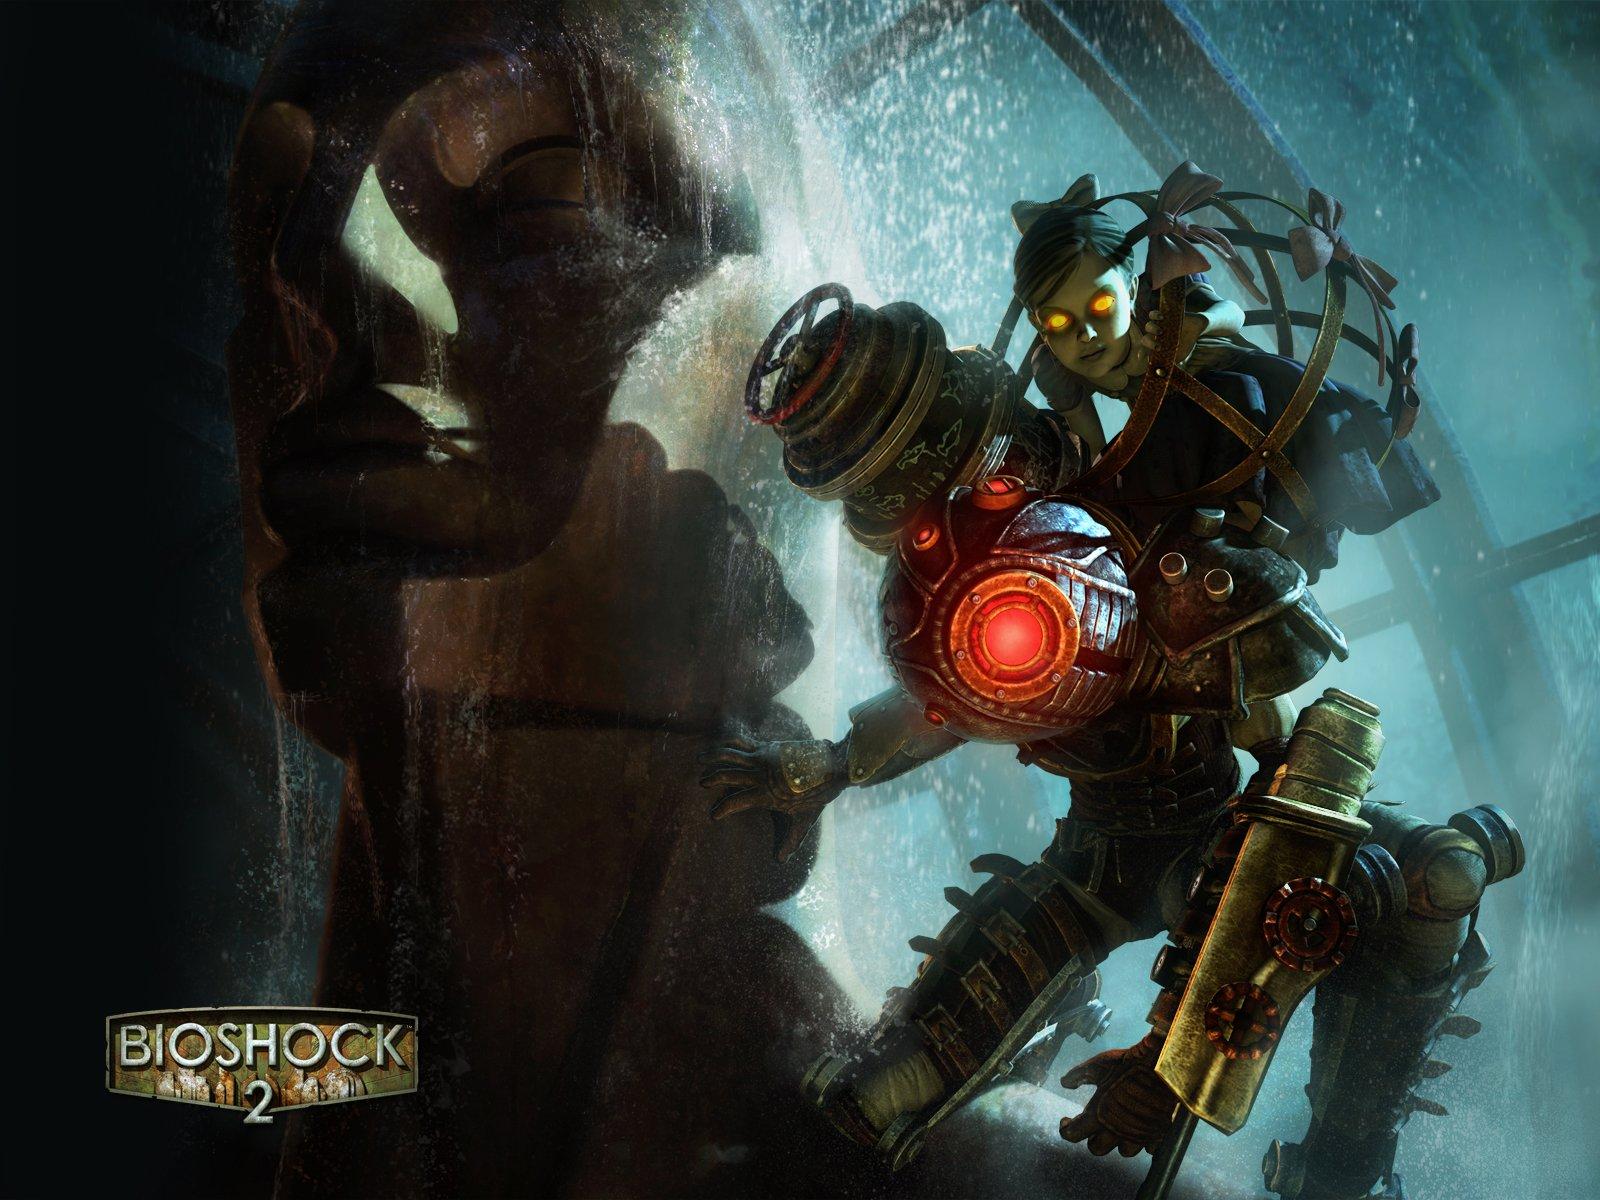 BioShock жив, разработкой займется 2K Marine - Изображение 1